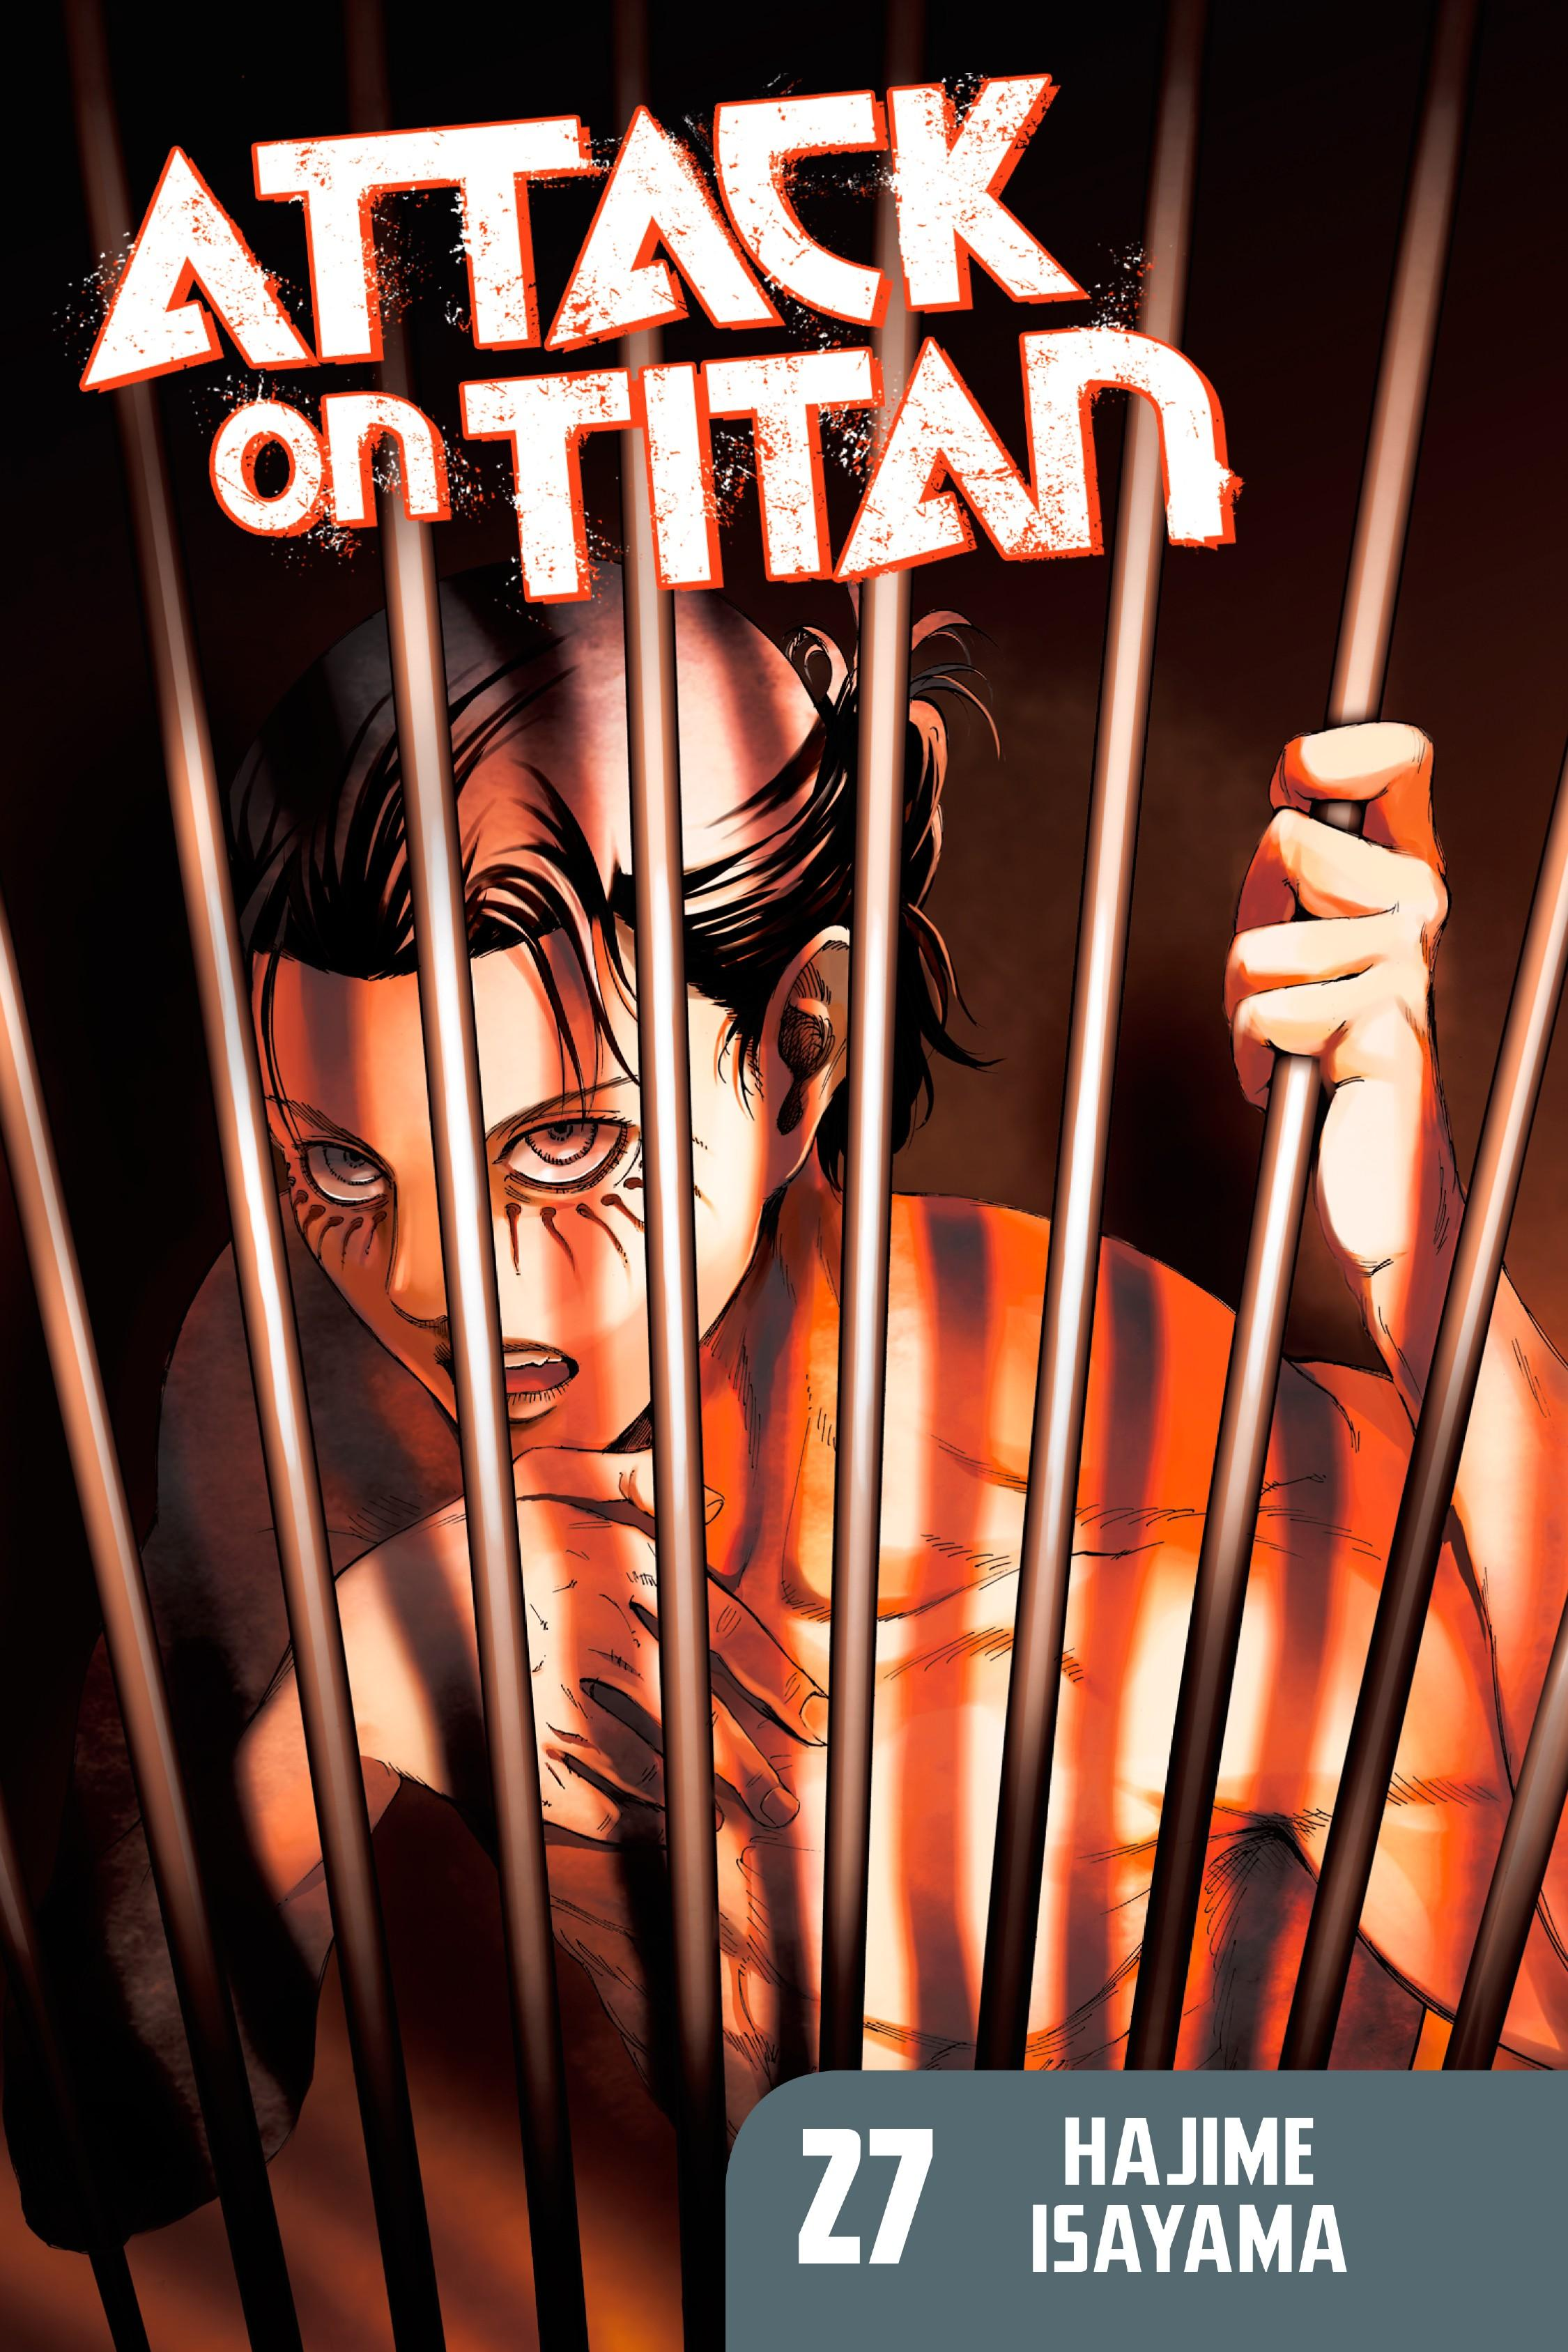 Attack on Titan v27 2019 Digital danke